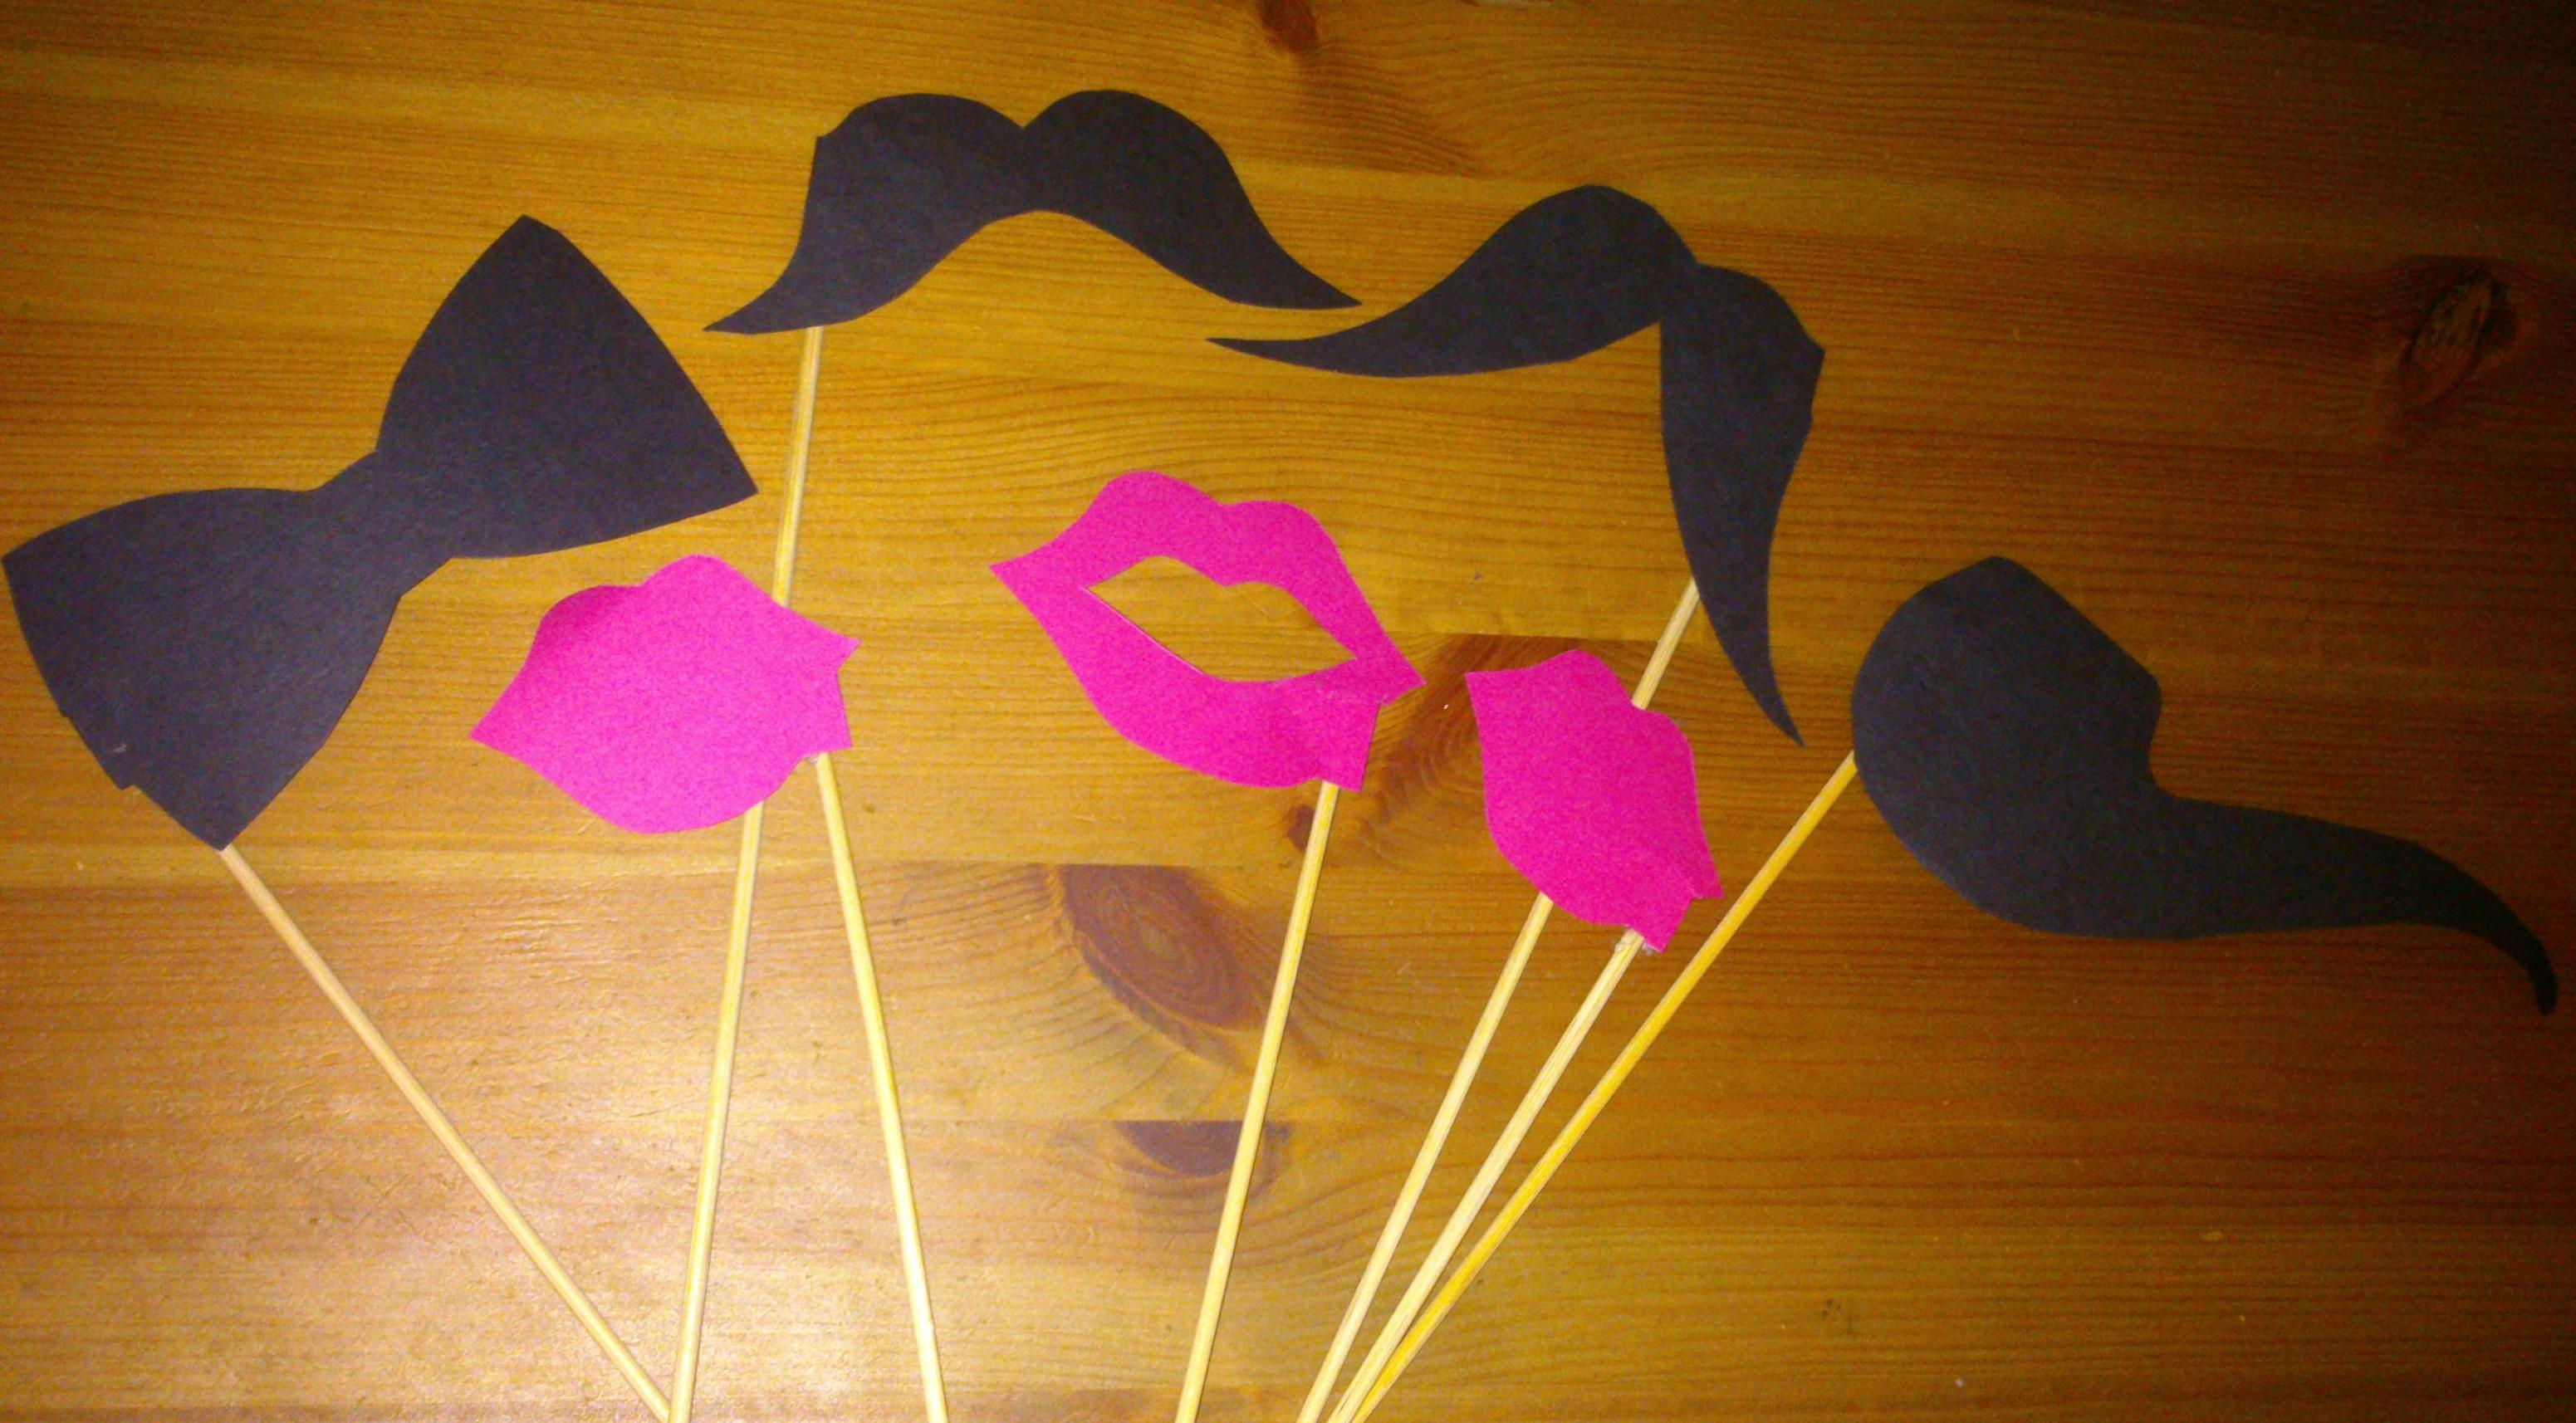 bigotes-labios-diy-adoraideas